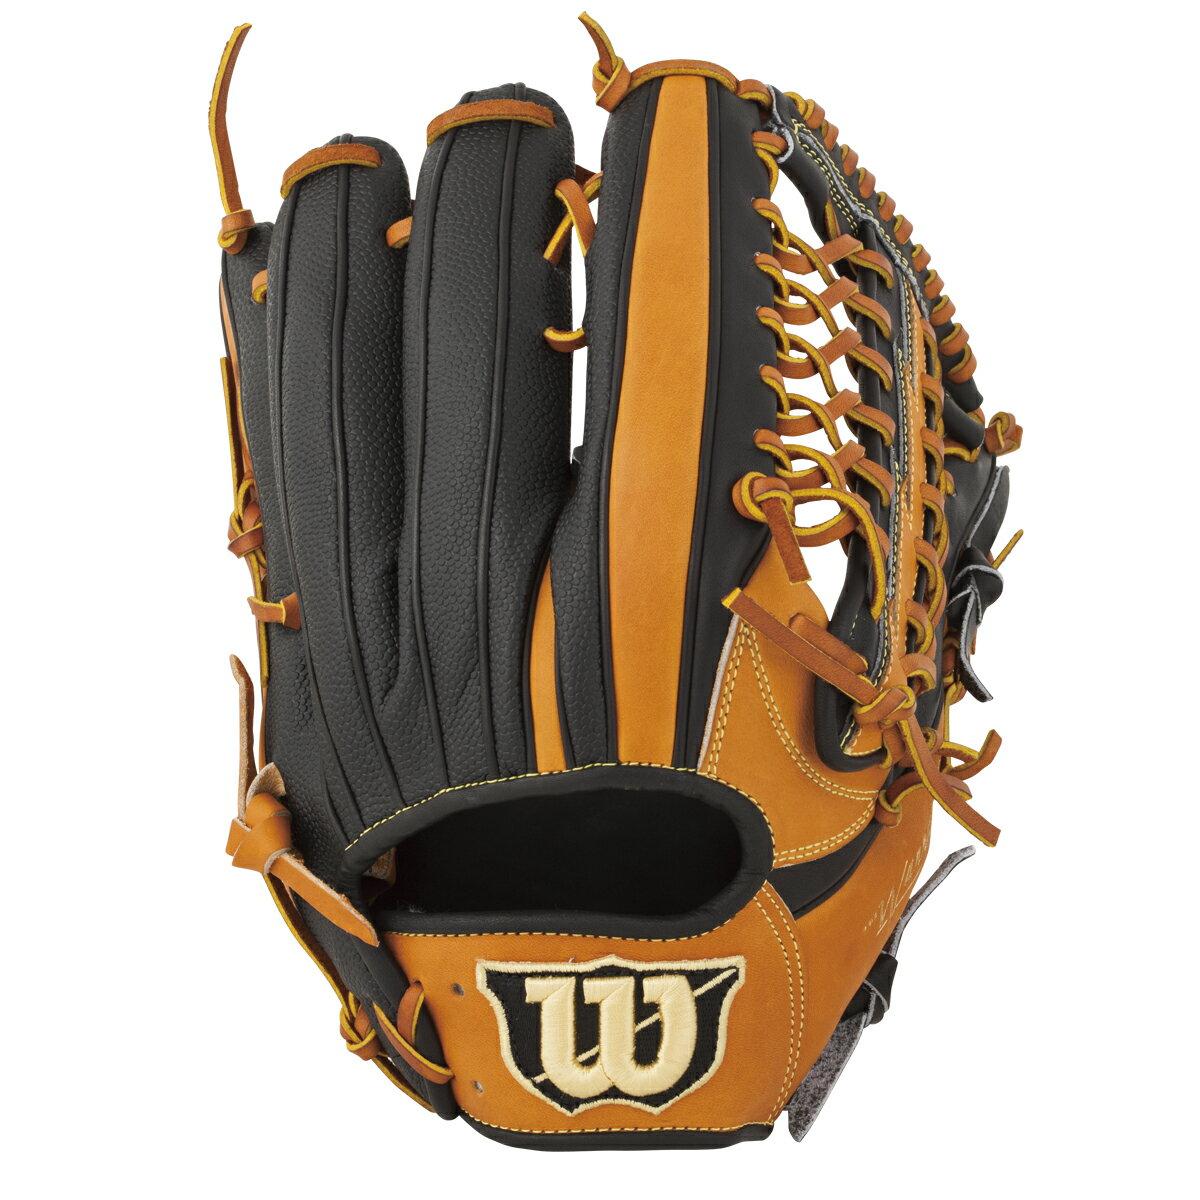 ウイルソン(wilson)Wannabe HERO/DUAL(ワナビーヒーローデュアル)軟式野球用 外野手用グラブ(右投げ)(18ss) オレンジ×ブラック WTARHRD8F-8390SS 野球用品